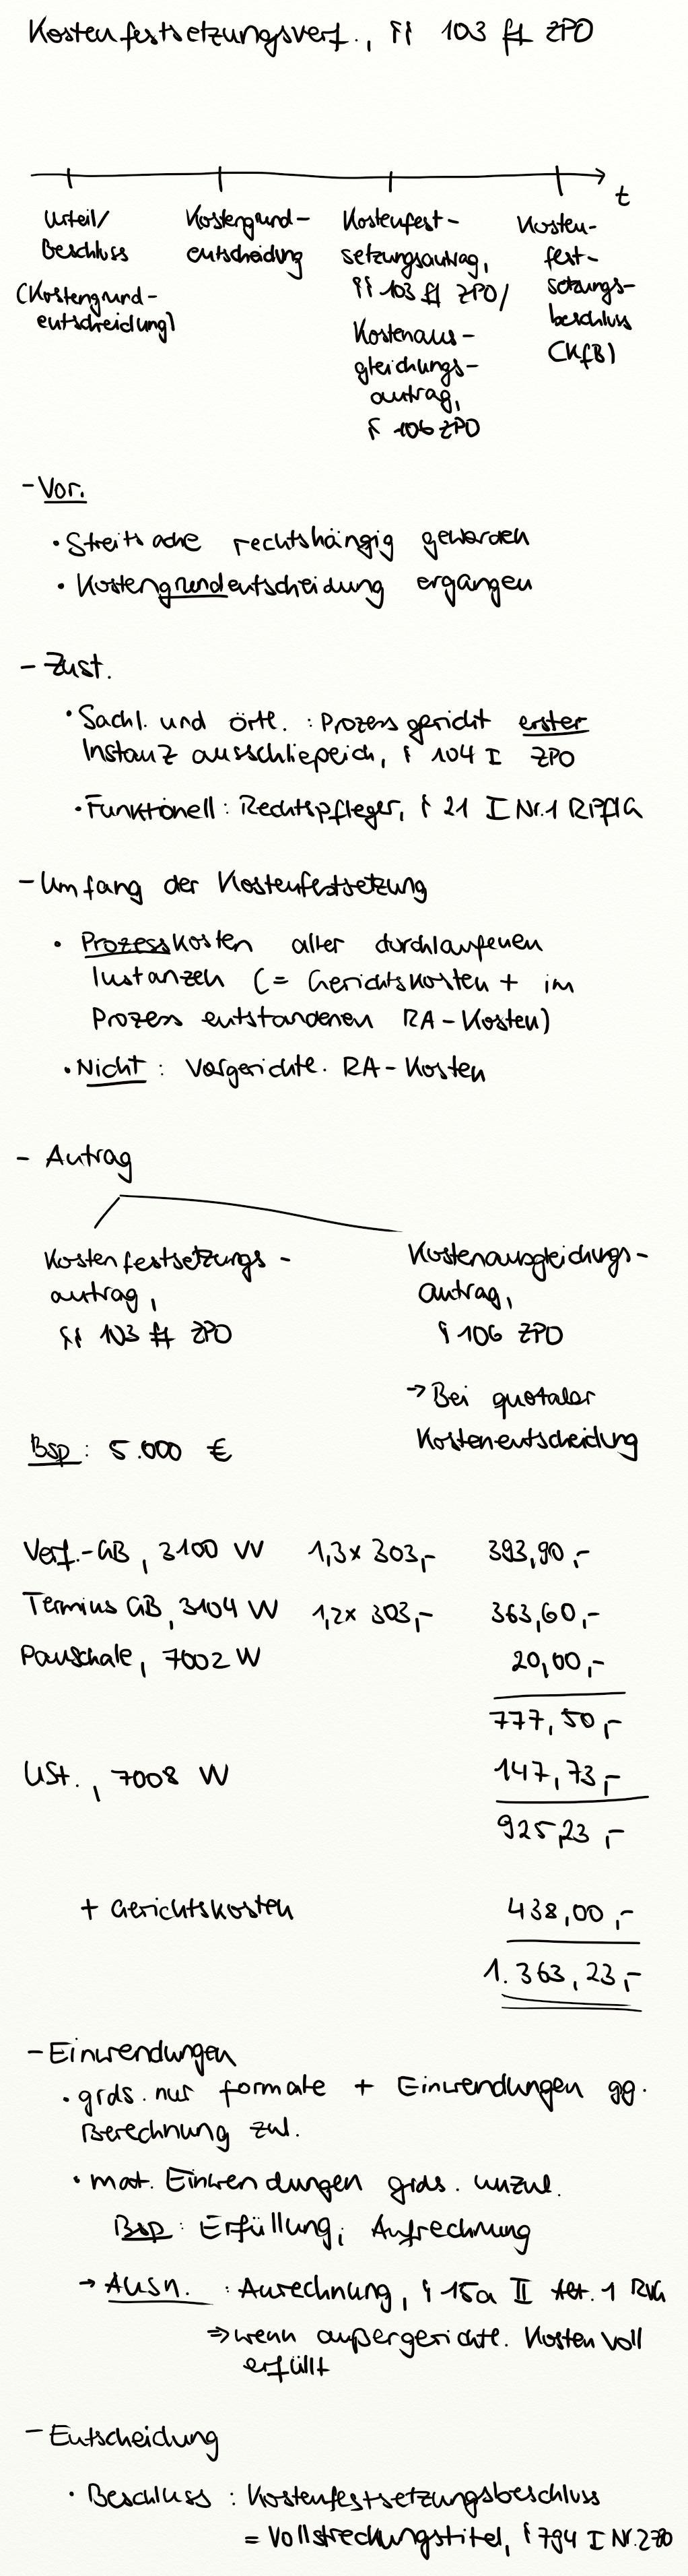 Kostenfestsetzungsverfahren 103 Ff Zpo Exkurs Jura Online